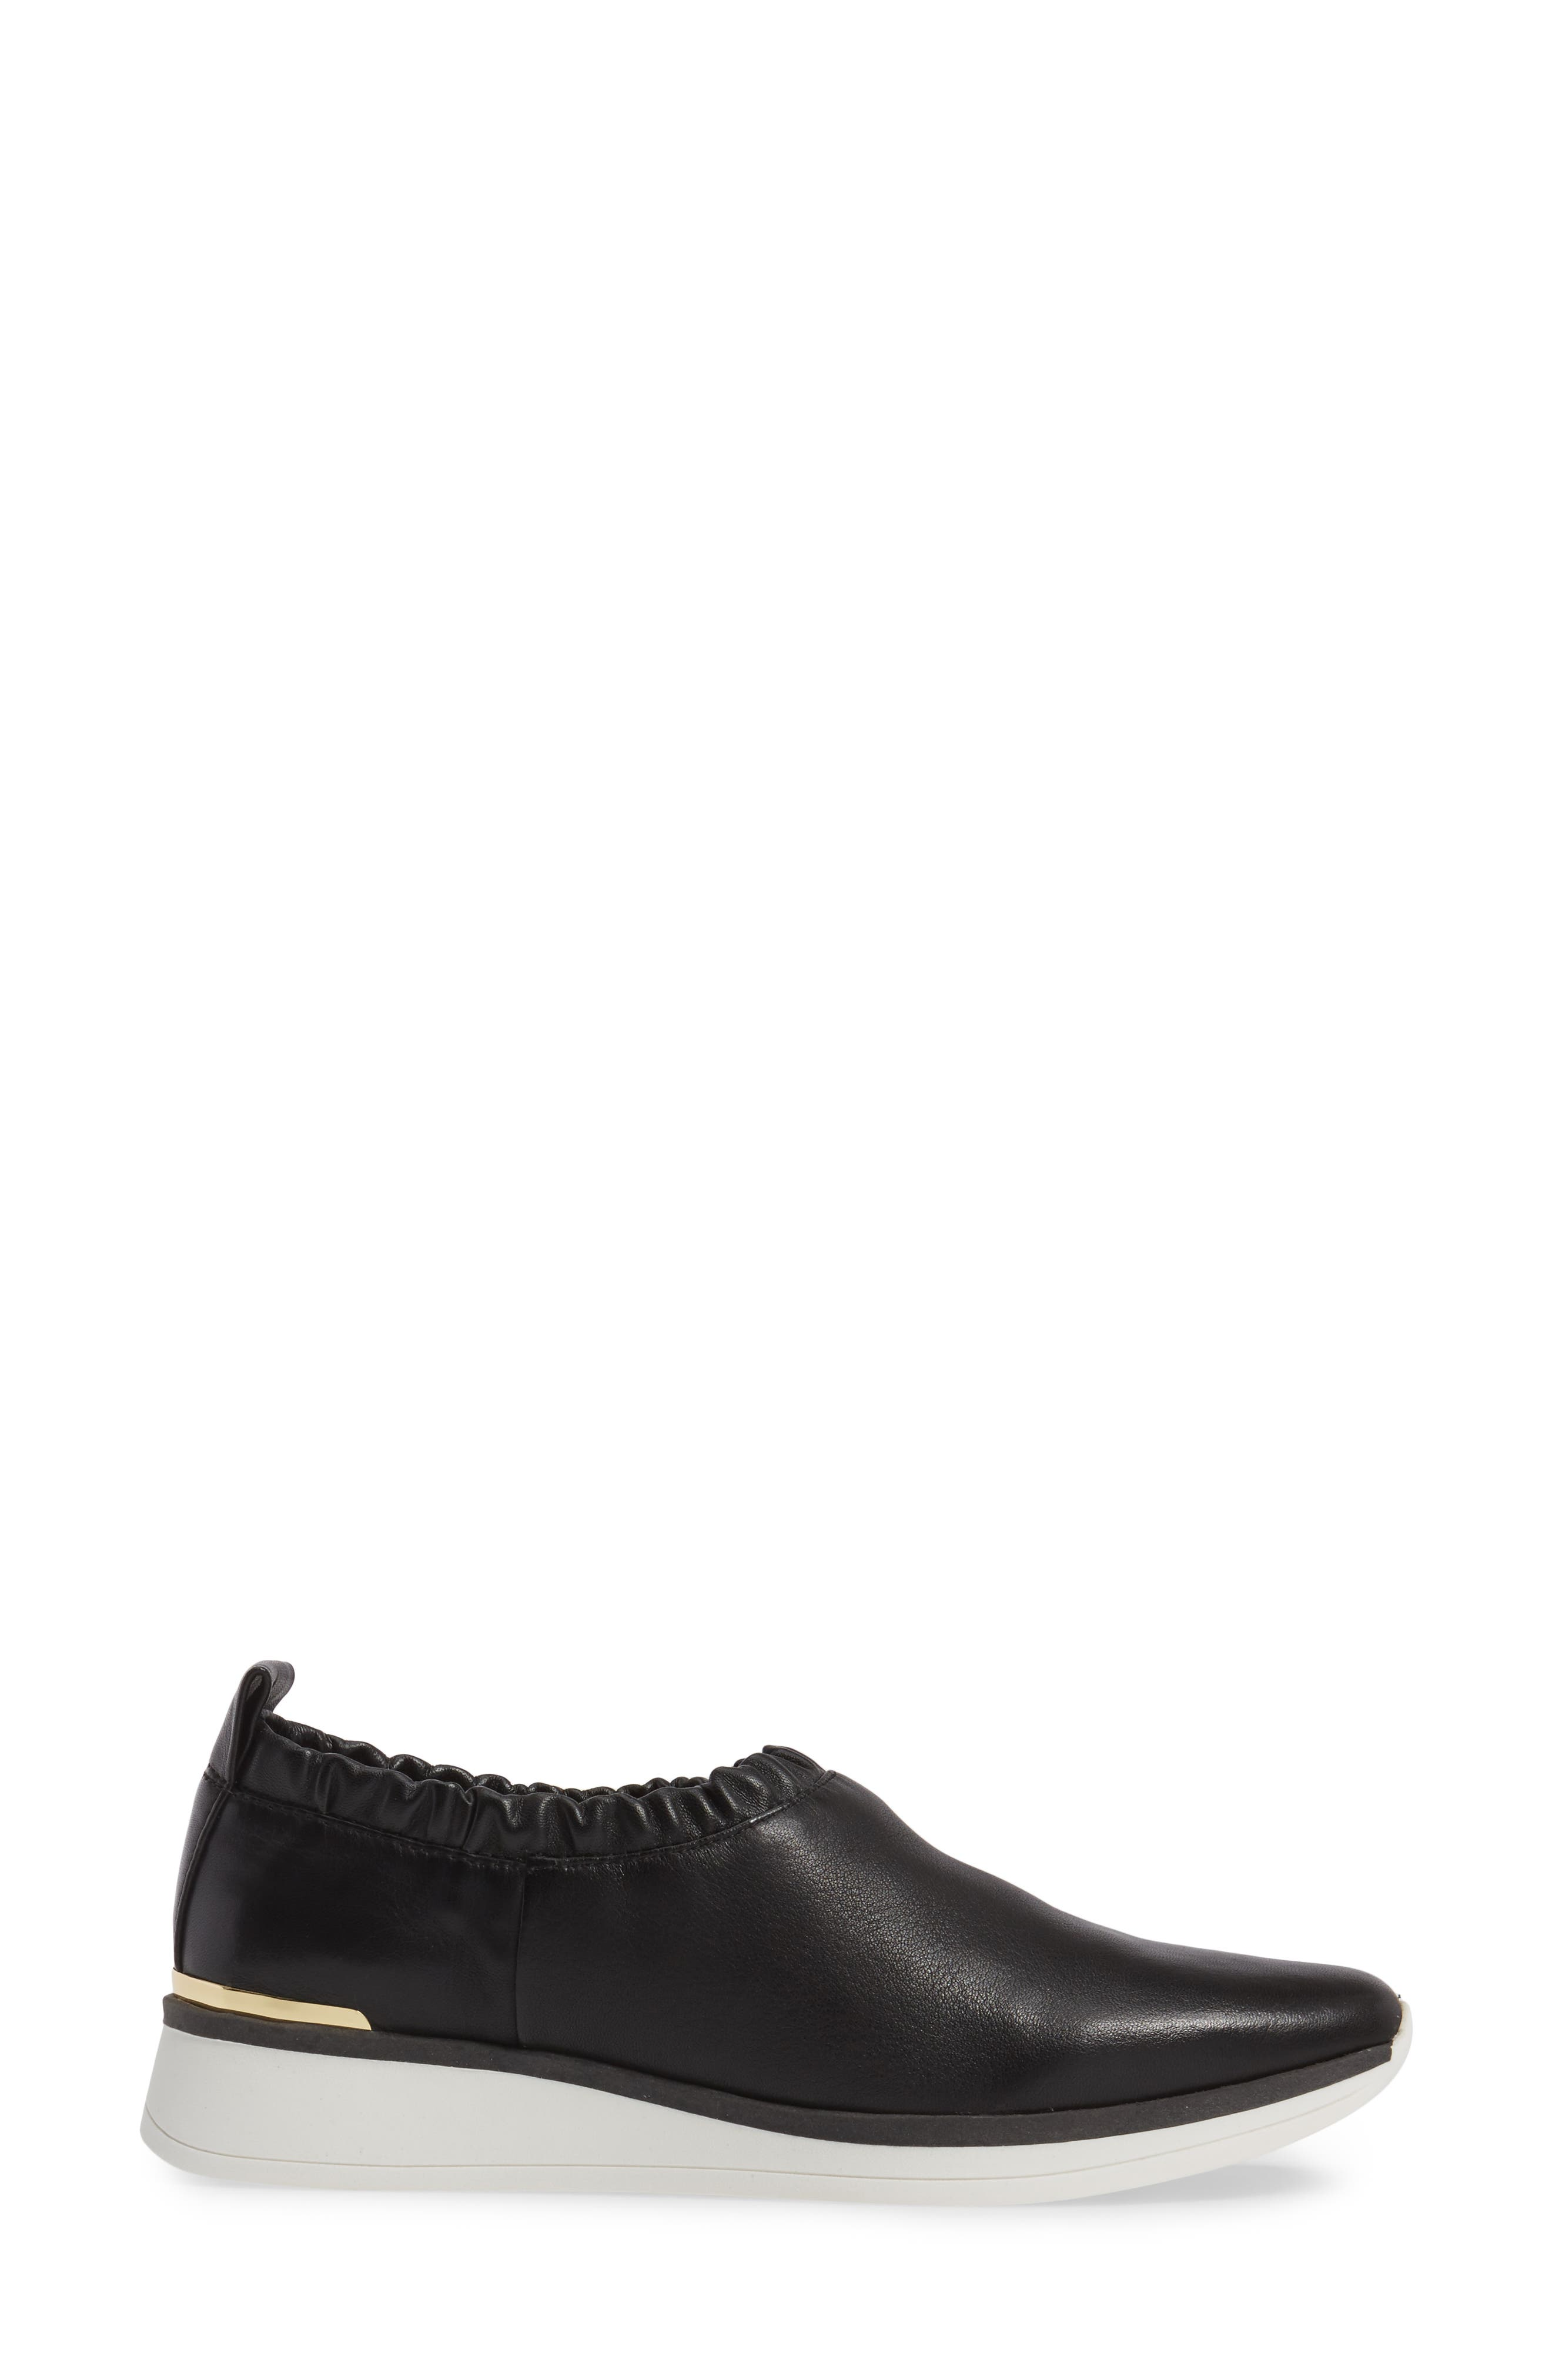 Brogen Slip-On Sneaker,                             Alternate thumbnail 3, color,                             Black Leather